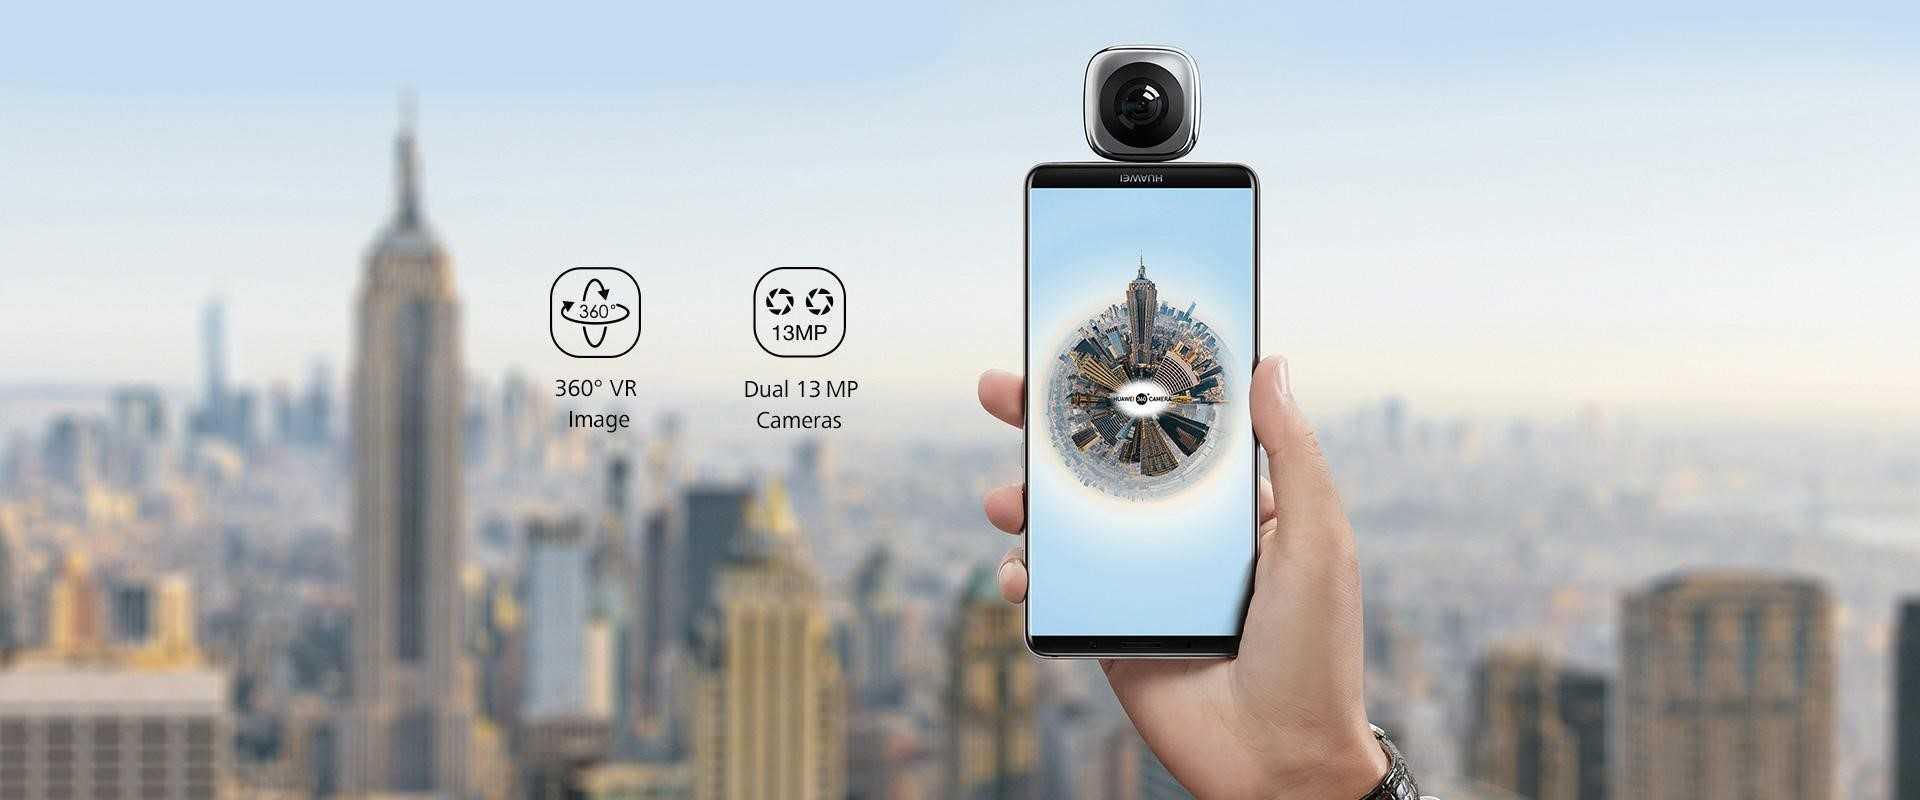 صور بزاوية 360 درجة بدقة 5K ومقاطع فيديو بدقة 2K مزودة بكاميرا مزدوجة بدقة 13 ميجا بكسل وعدسة بزاوية عريضة 210 درجة ؛